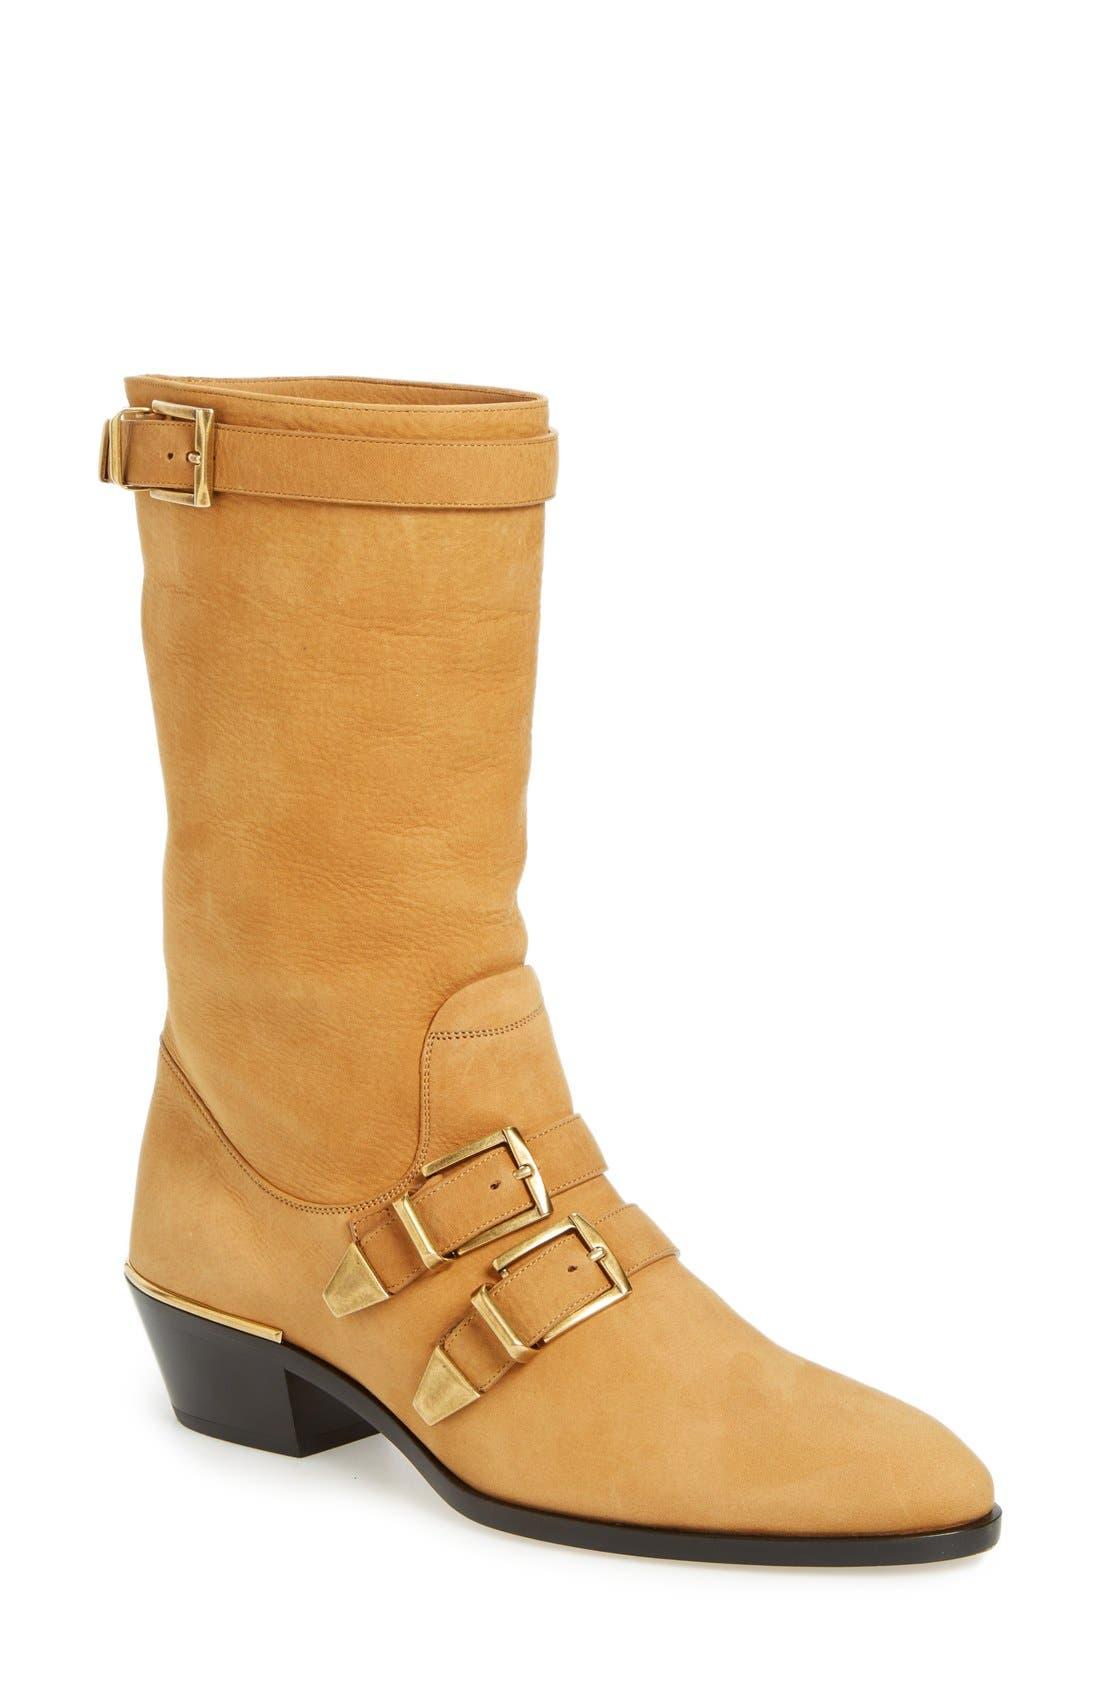 CHLOÉ 'Susanna' Buckle Strap Mid Calf Boot